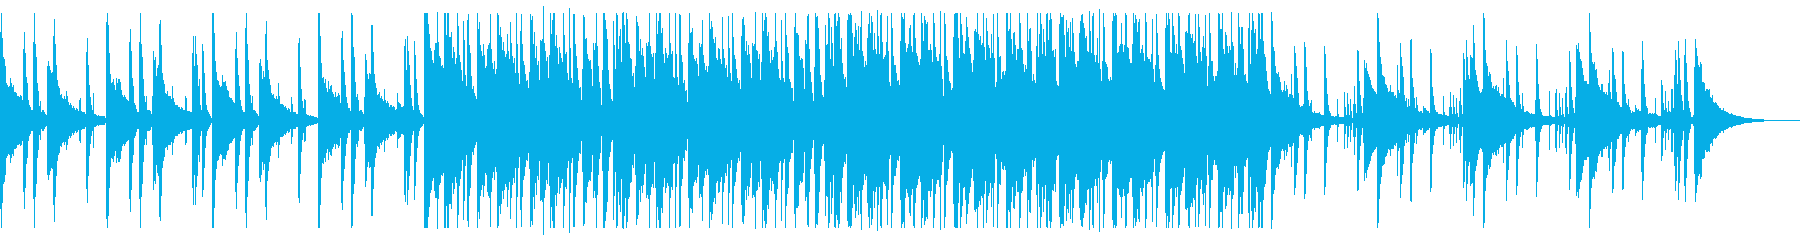 懐かしい雰囲気のチルR&B_3の再生済みの波形